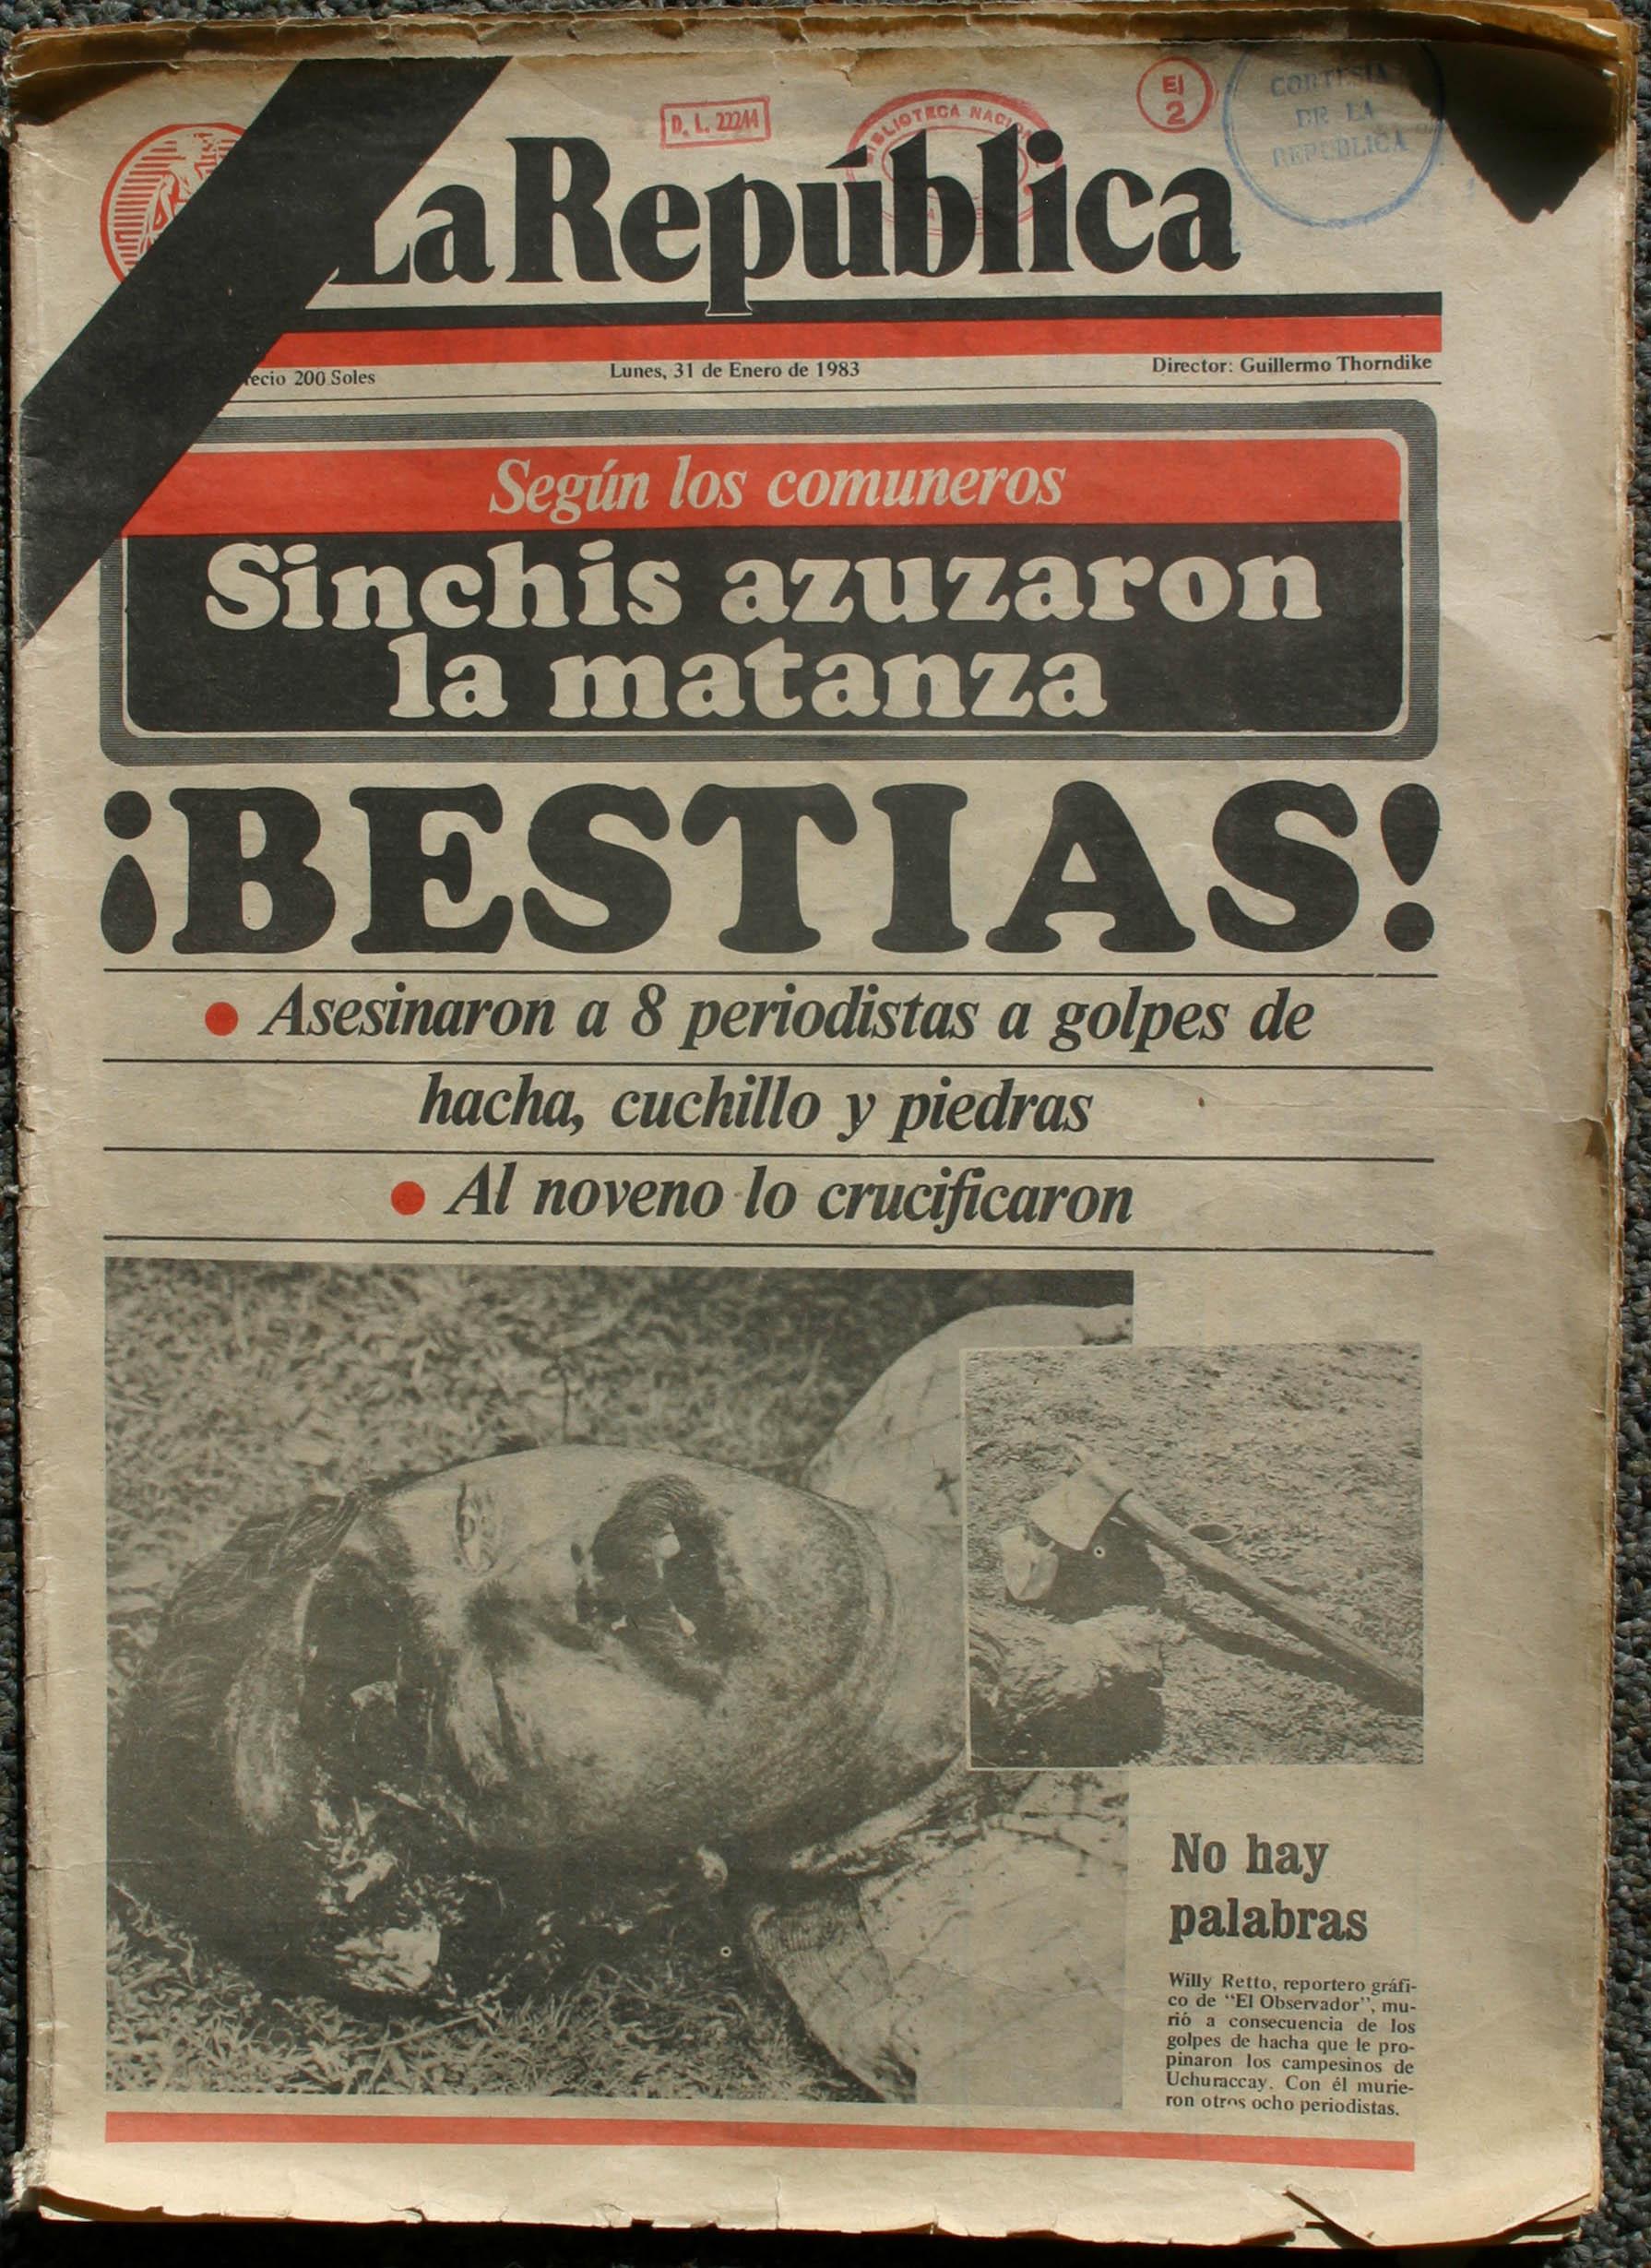 Memoria visual en el Perú: las fotografías del caso Uchuraccay